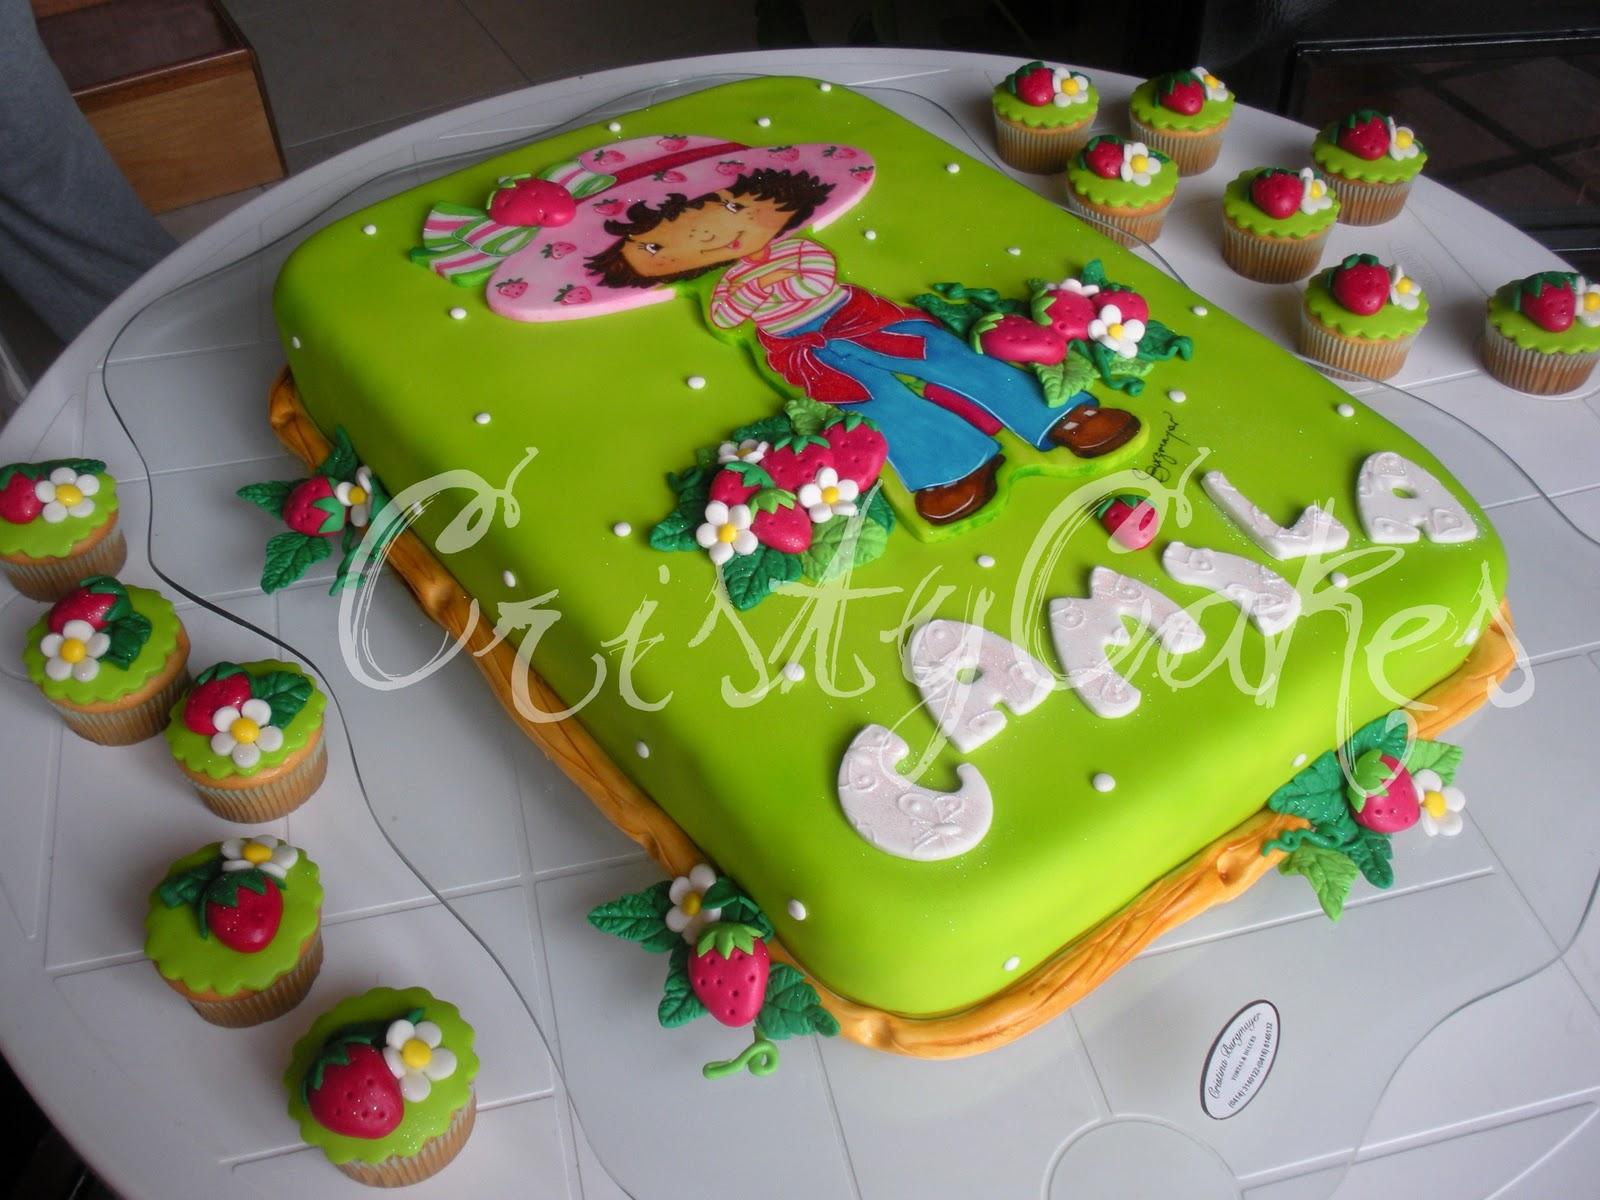 ... torta y una rica gelatina en forma de hexagono con la imagen de